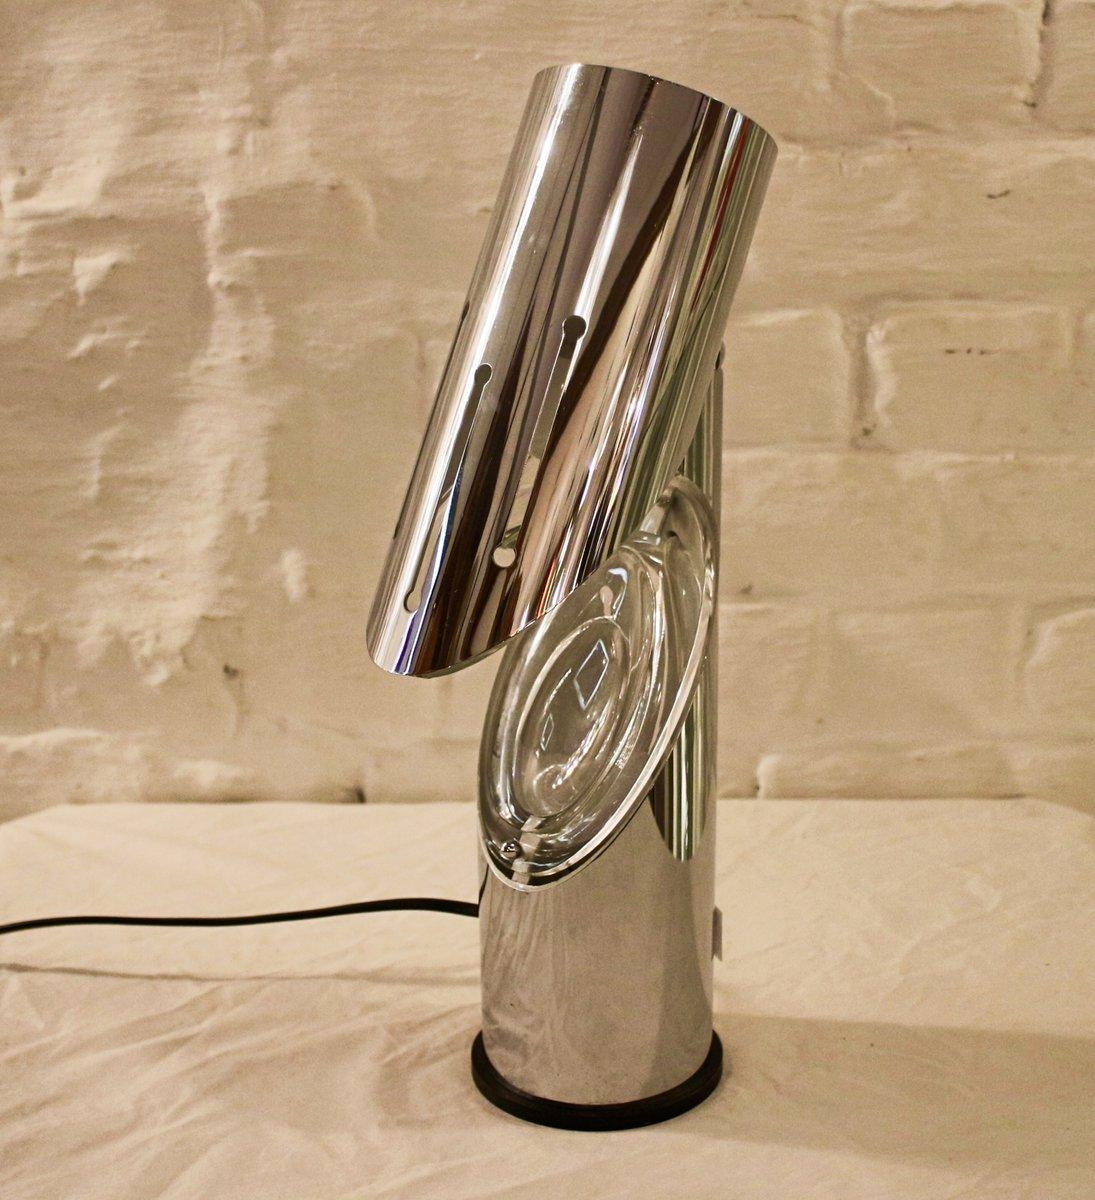 Space Age Tischlampe von Oscar Torlasco für Stilkronen, 1970er